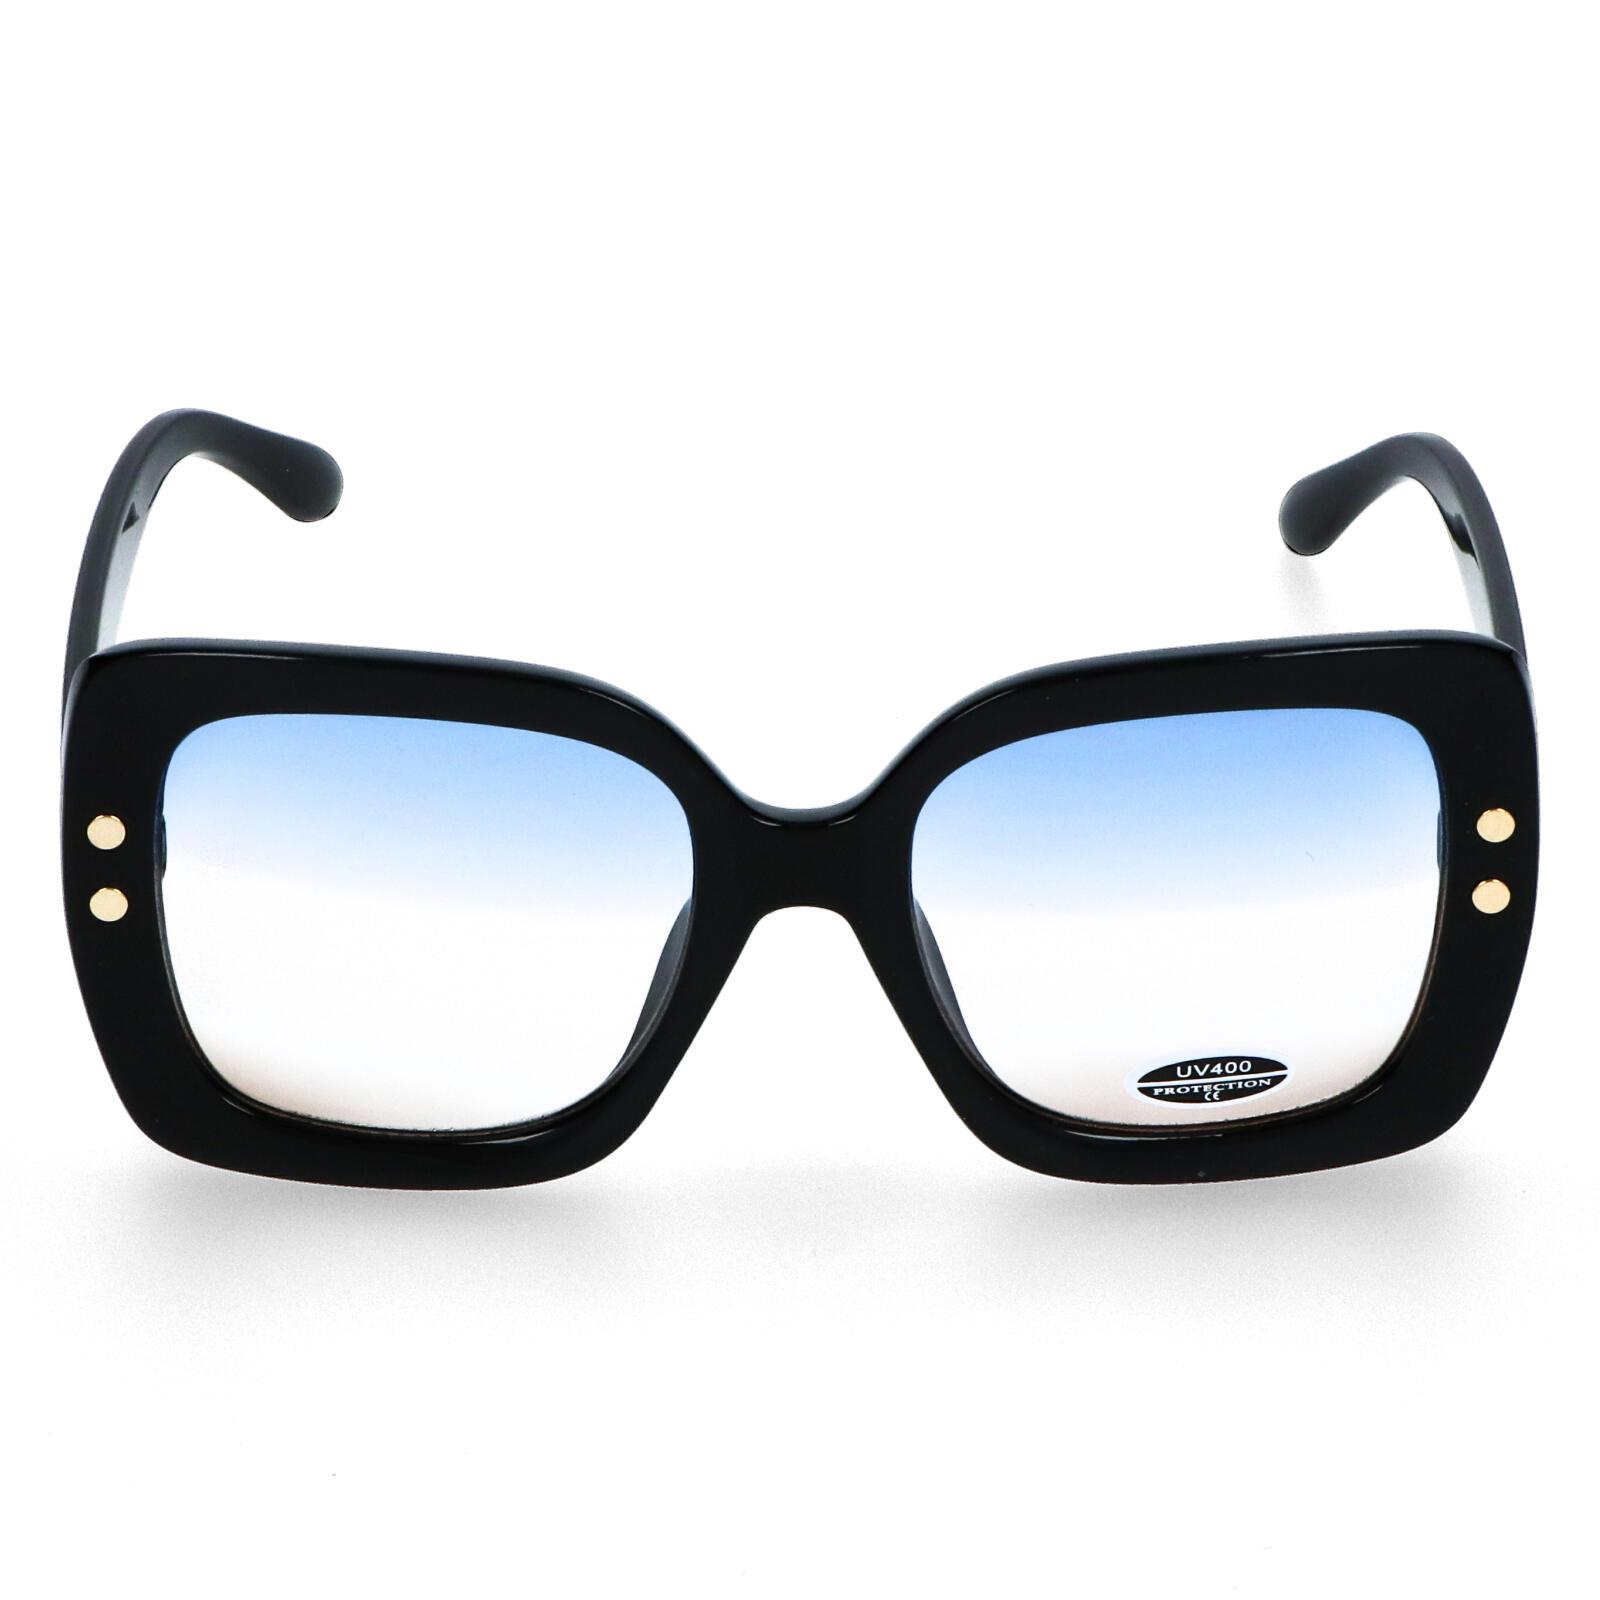 Dámské sluneční brýle černé - S1013 černá